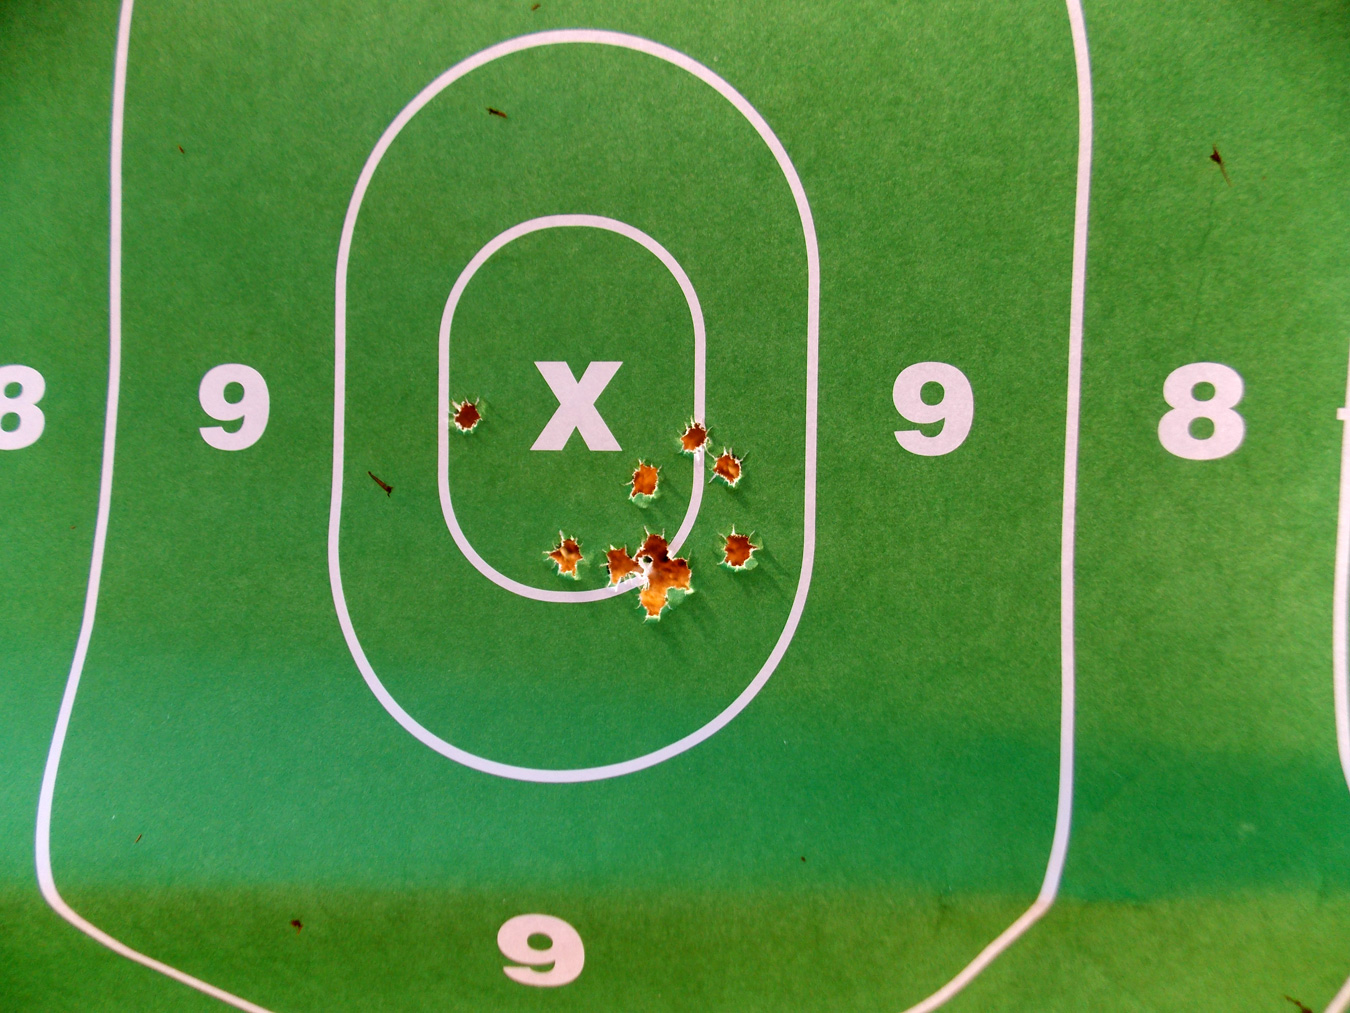 target grouping at 100 yards